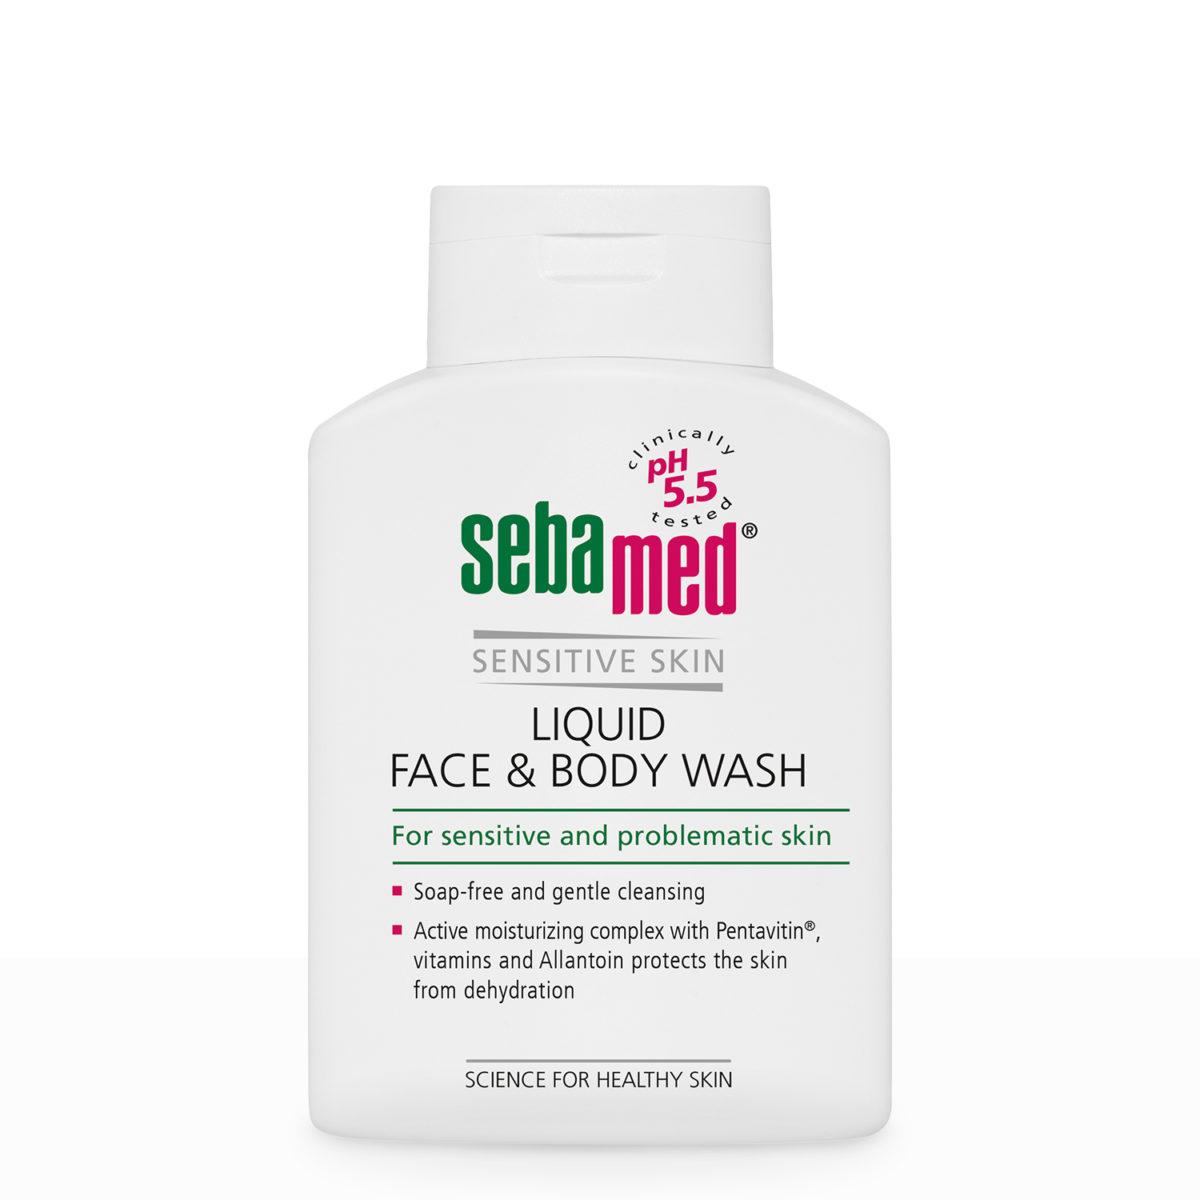 Face & Body Wash